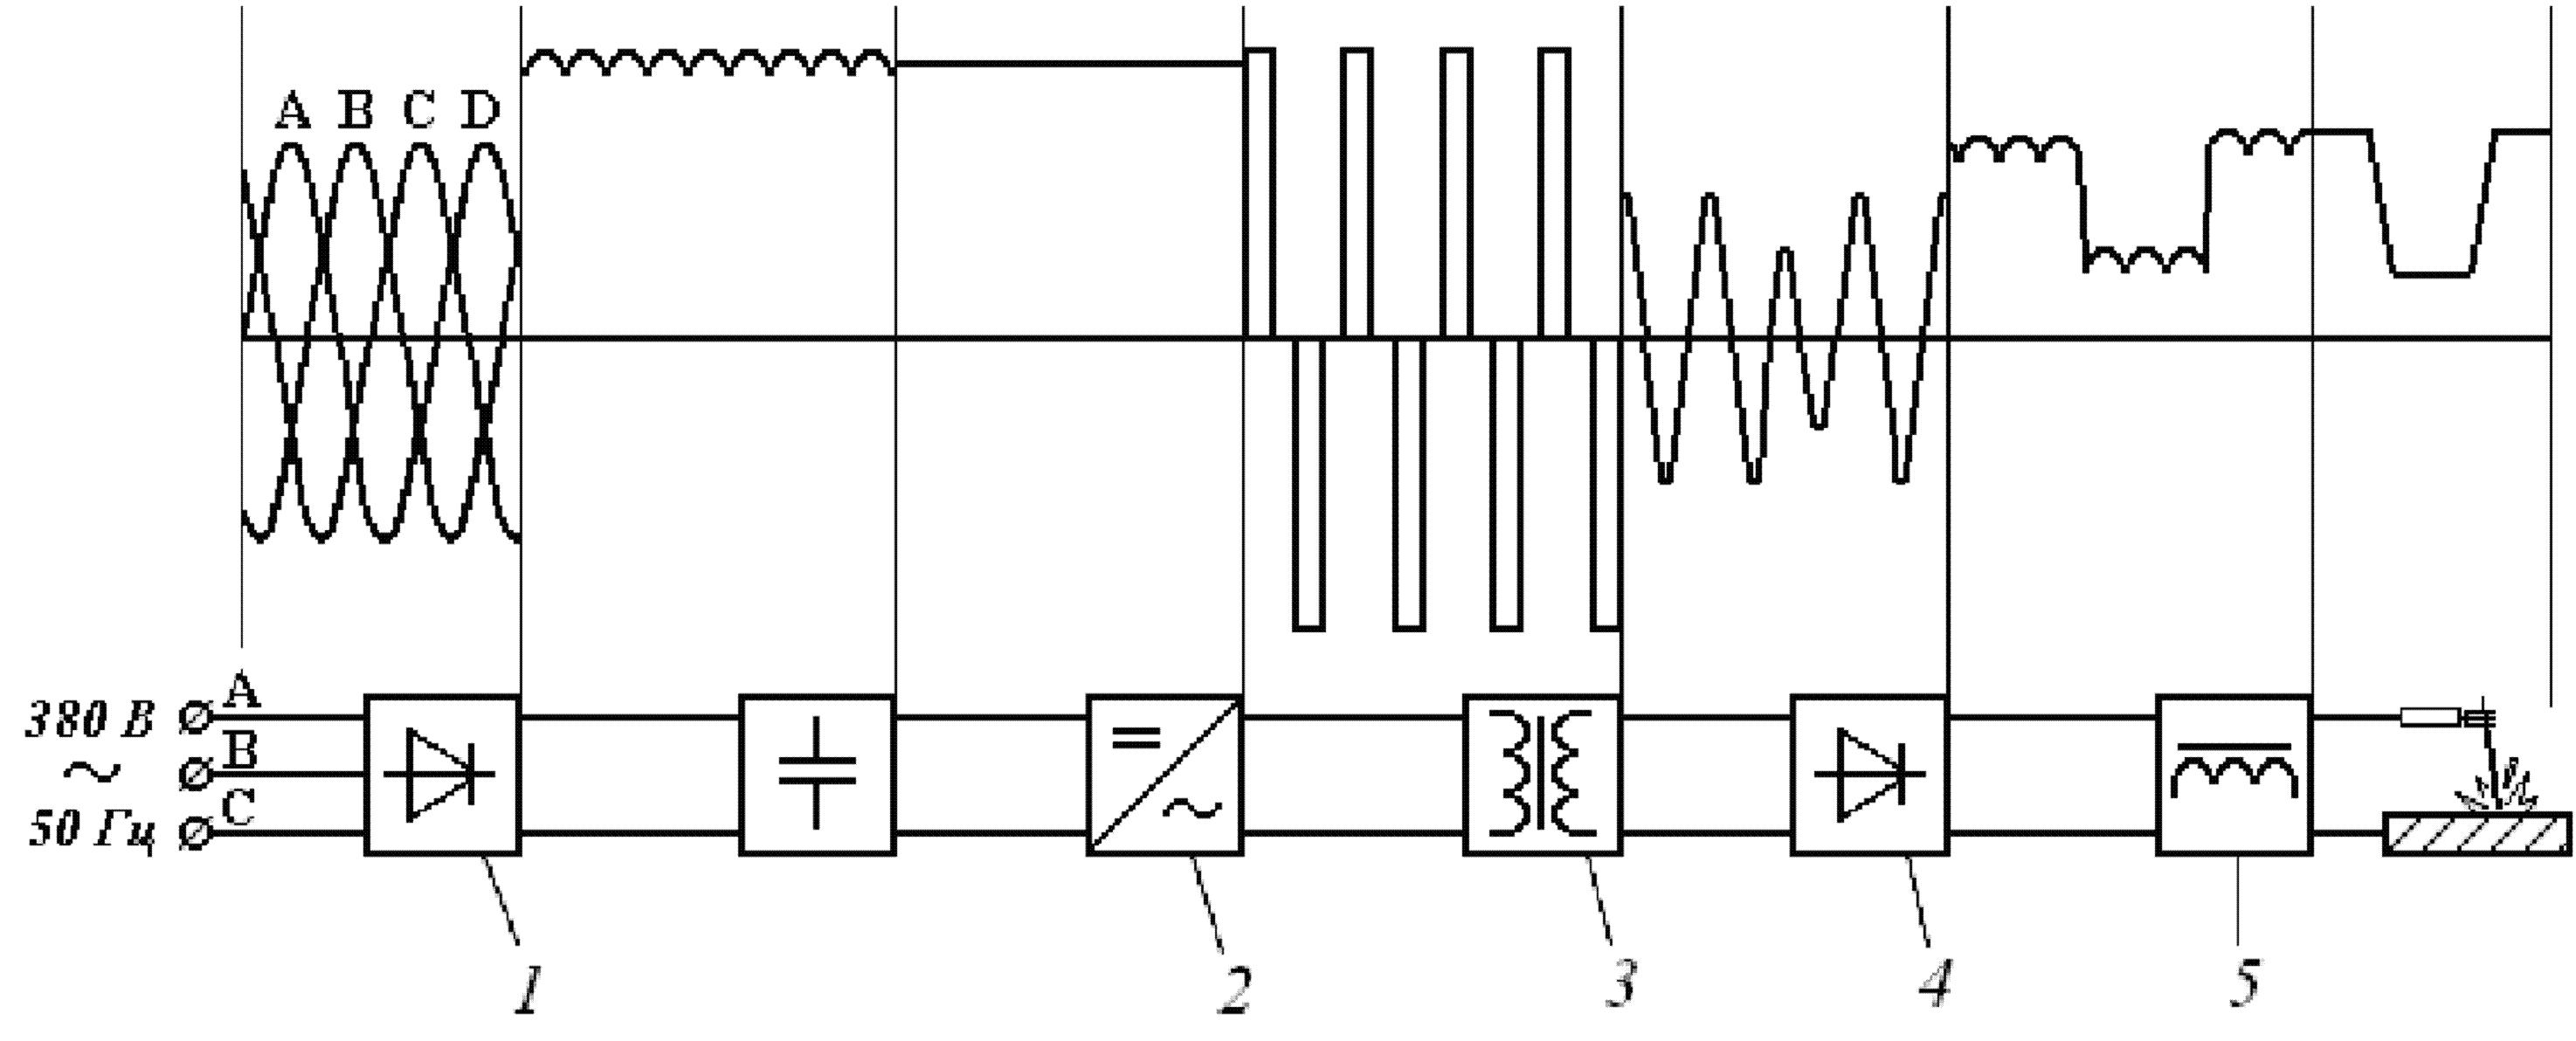 Электрическая схема балластных реостатов дипломная работа фото 474